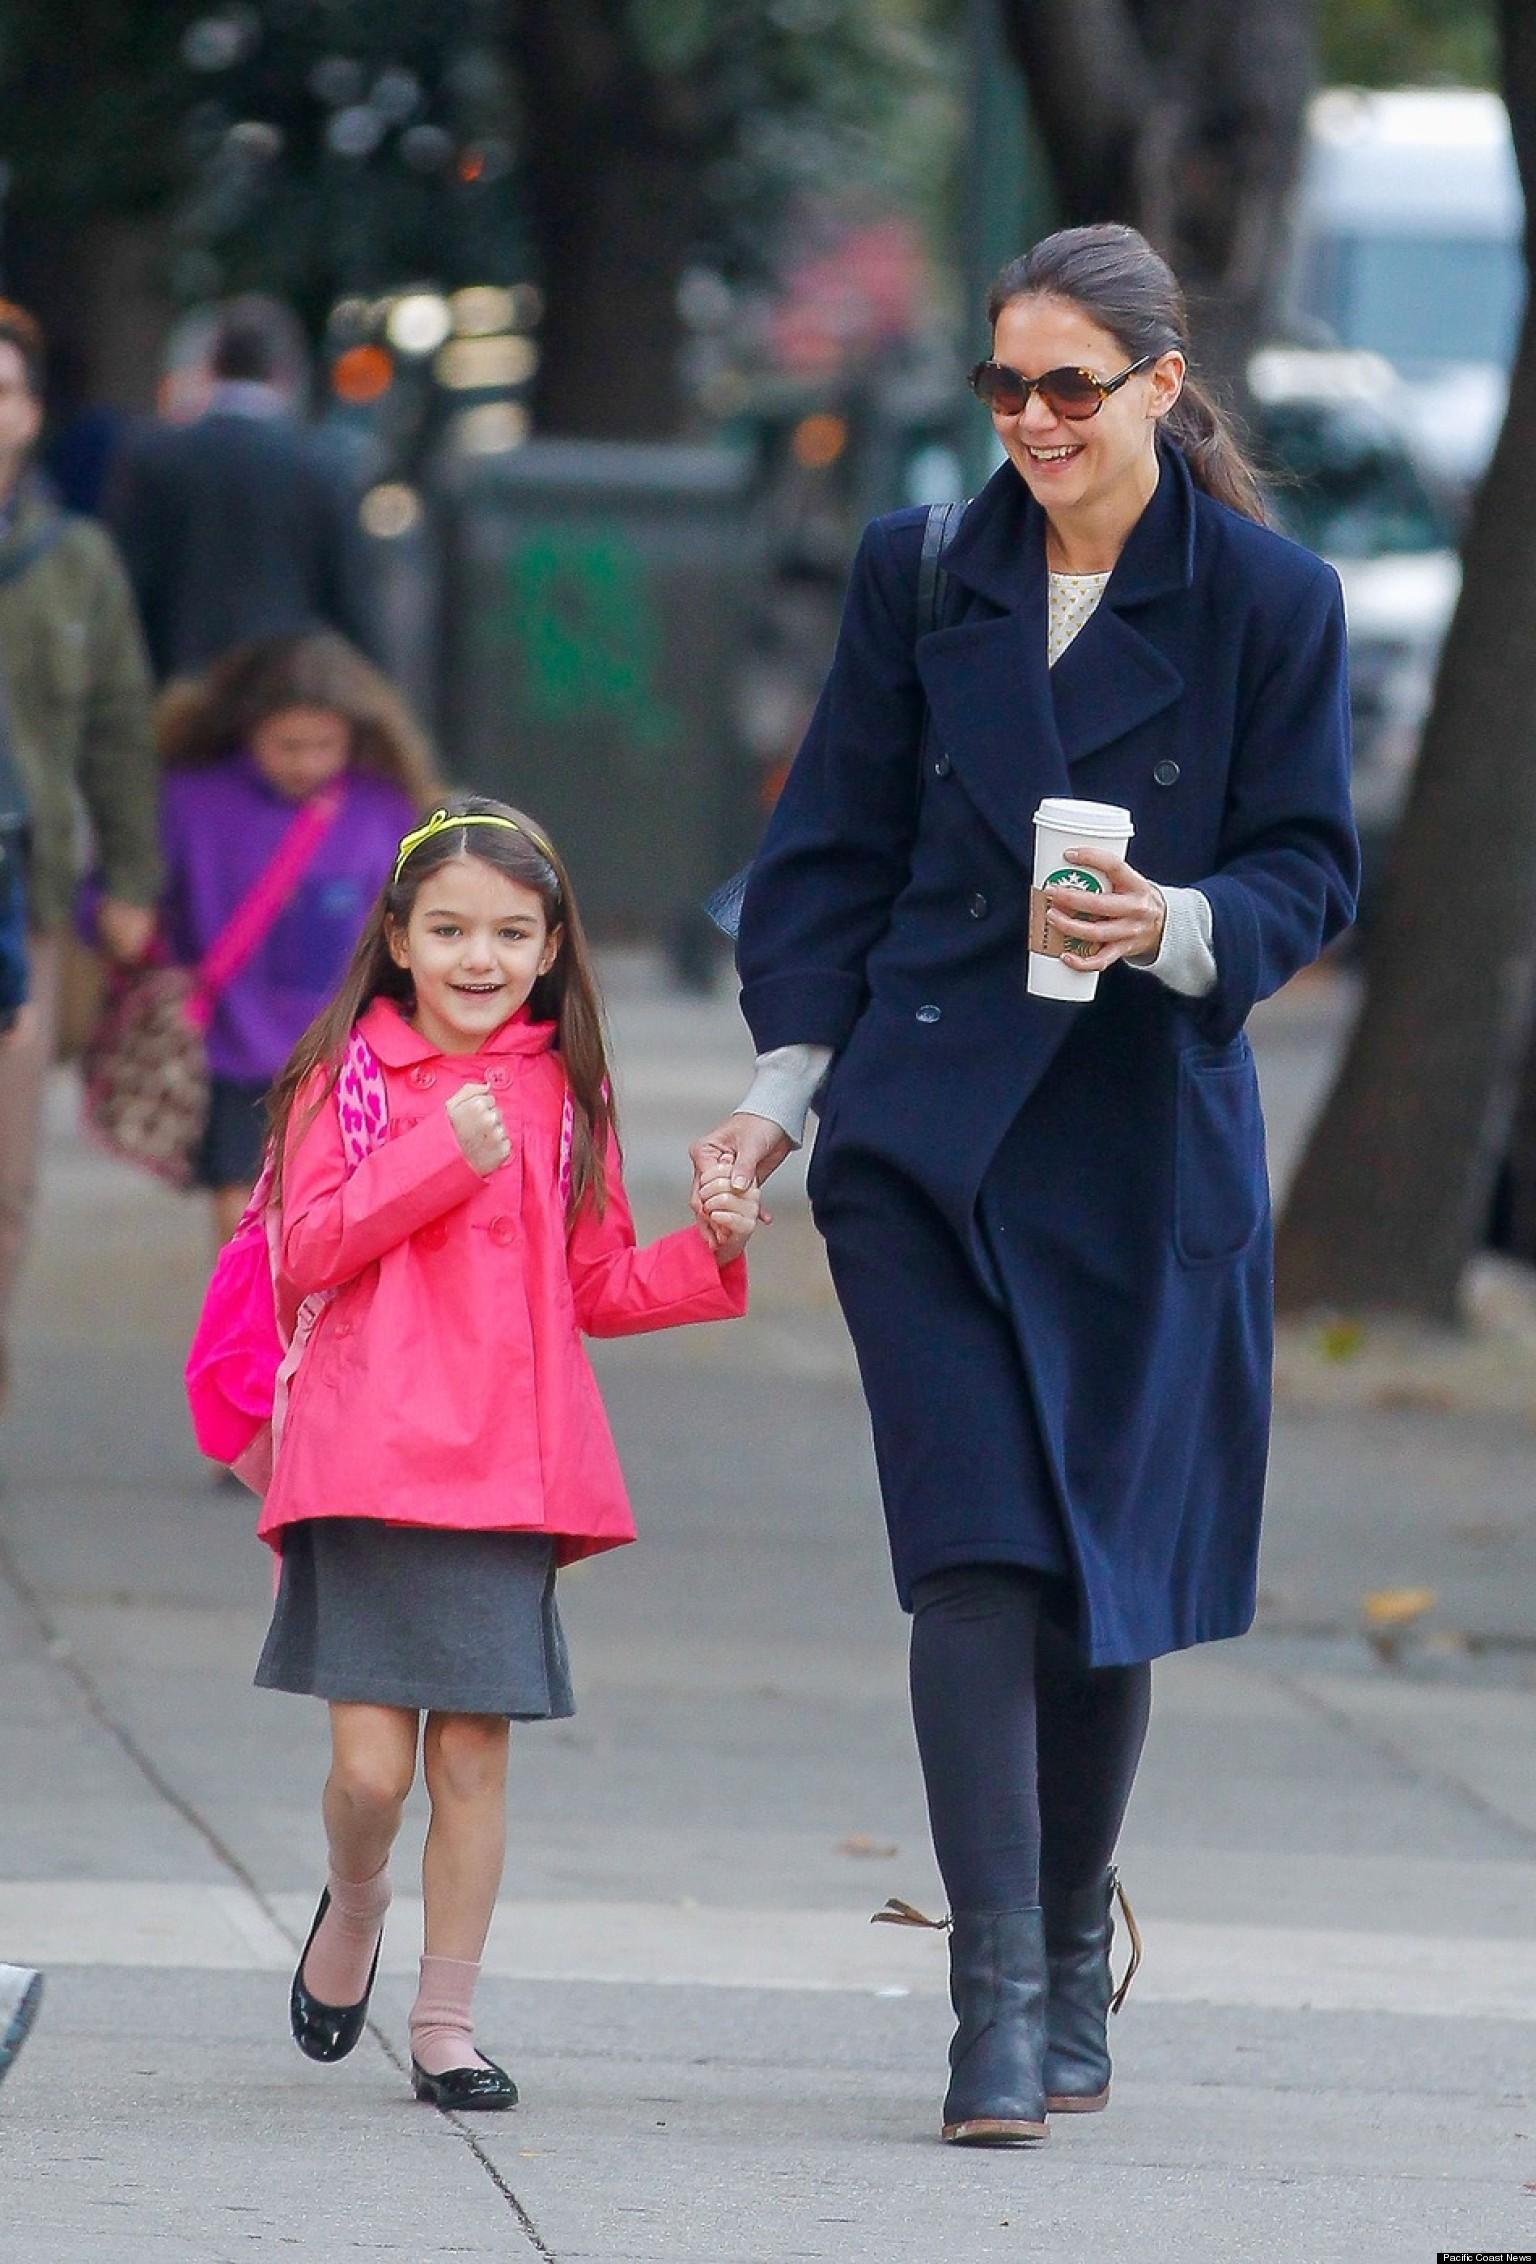 [Nicky Khánh Ngọc] 10 kiểu bà mẹ sành điệu nhất Hollywood